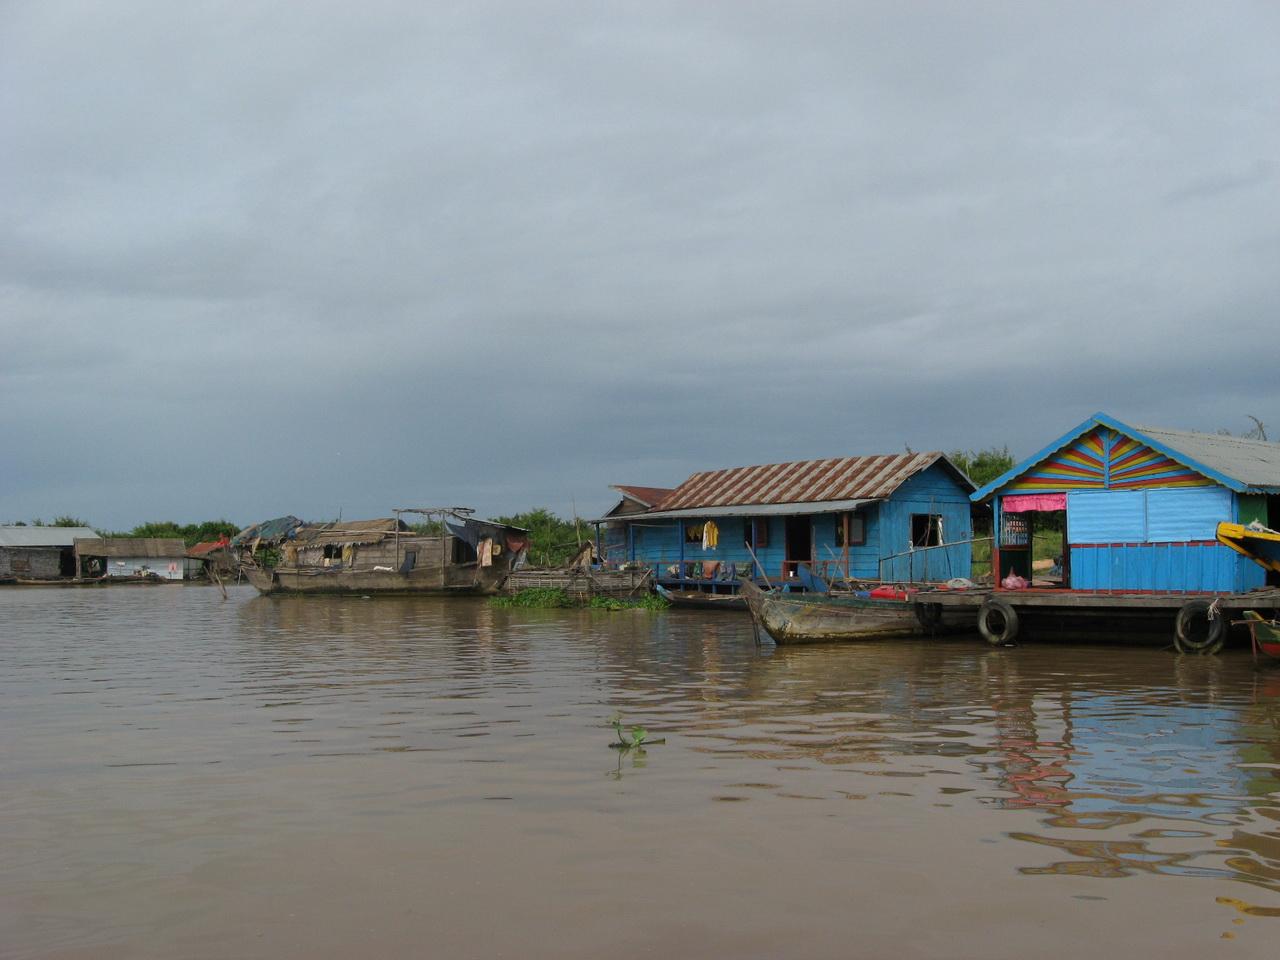 Selo Kampong Phluk